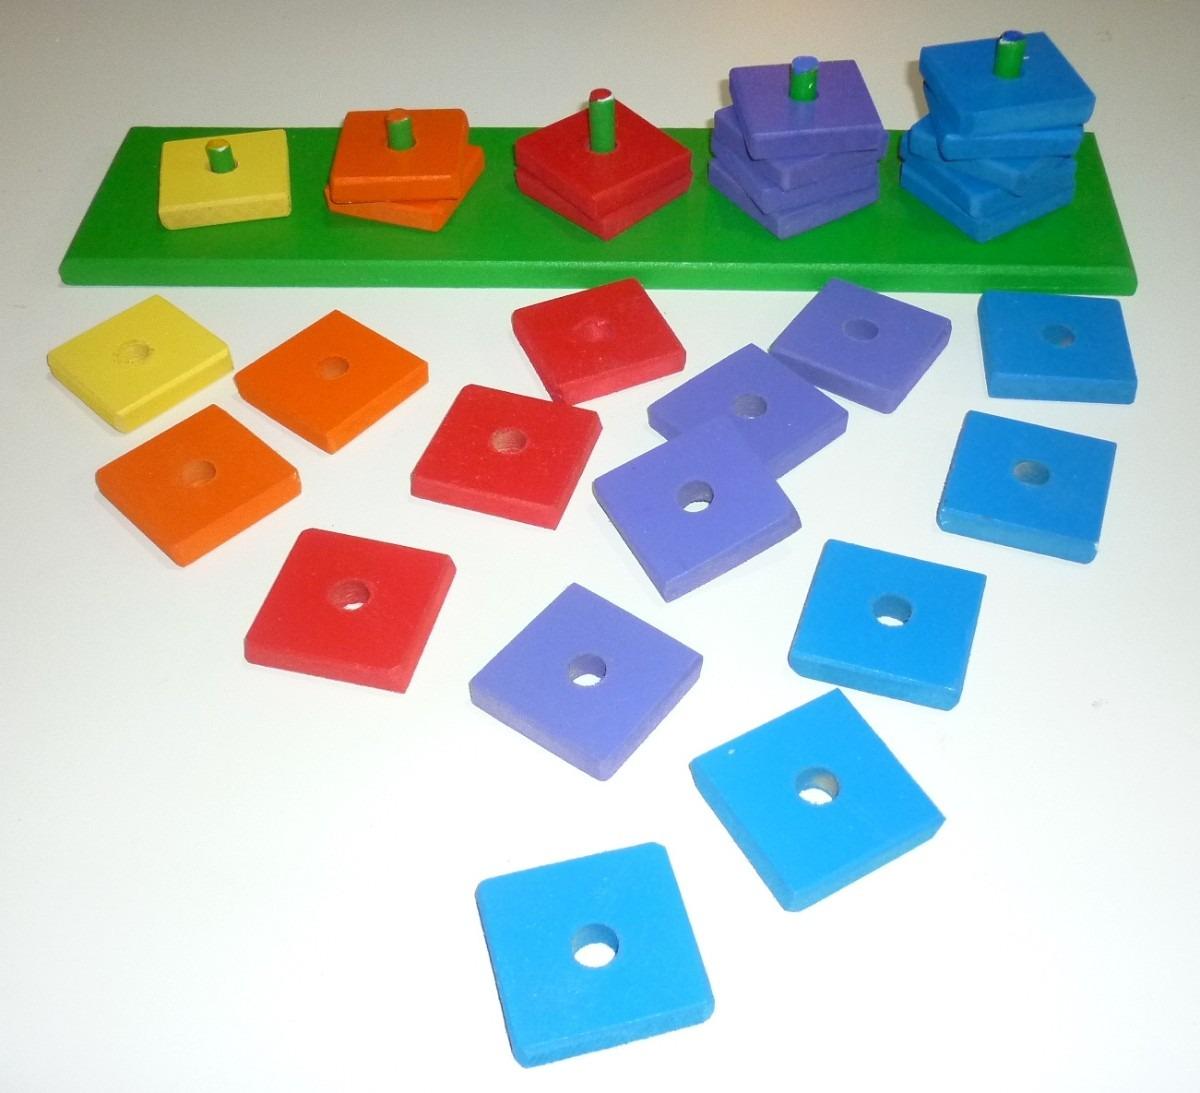 juego de encastre de madera con fichas de colores